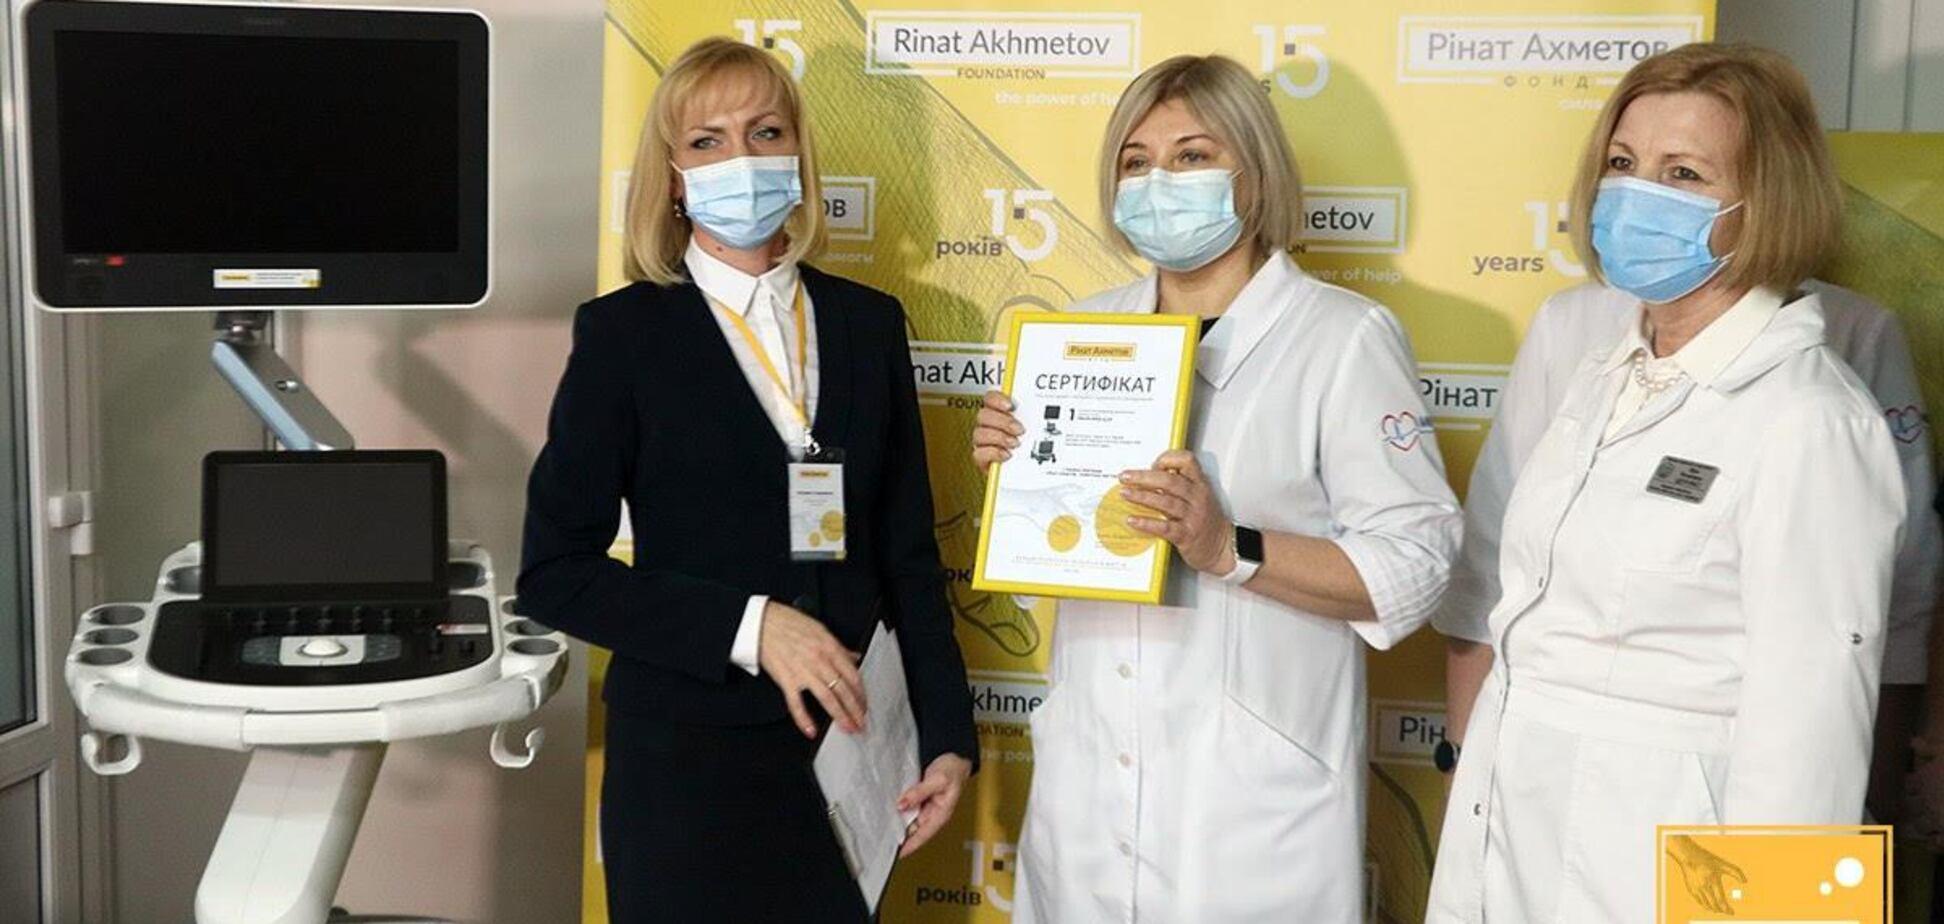 Харківська міська клінічна лікарня №8 отримала сучасне обладнання від Фонду Ріната Ахметова